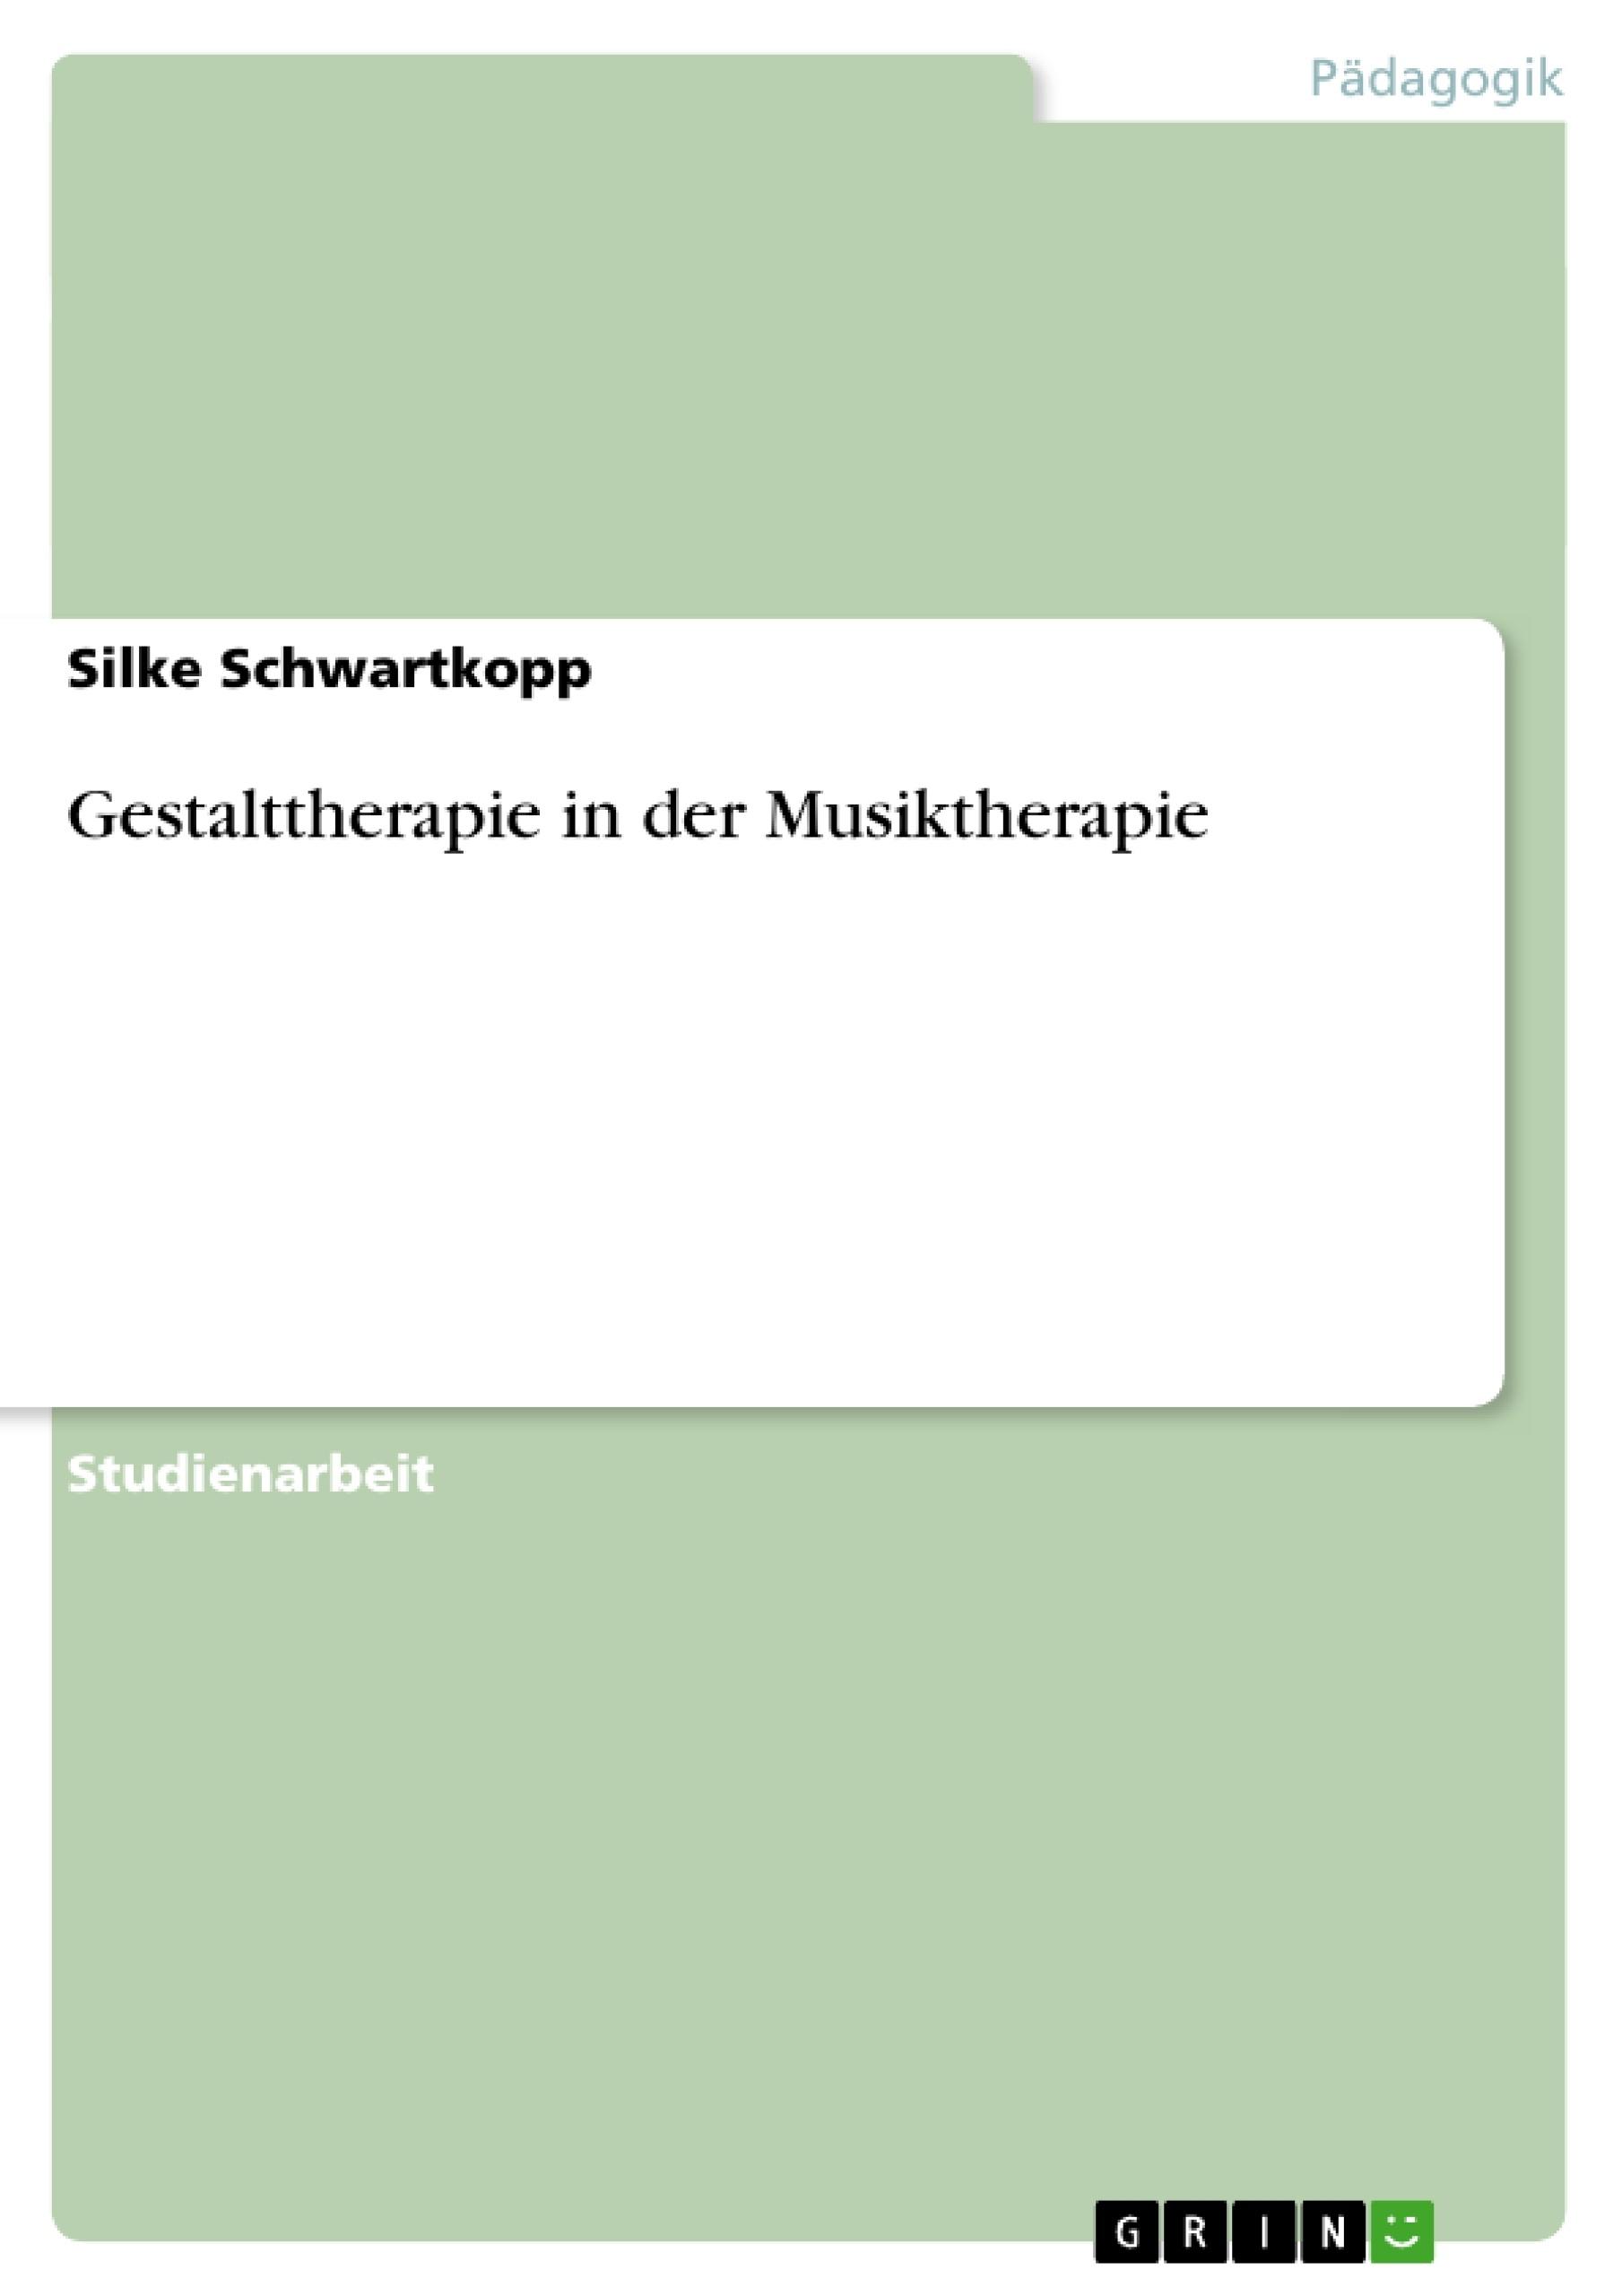 Titel: Gestalttherapie in der Musiktherapie